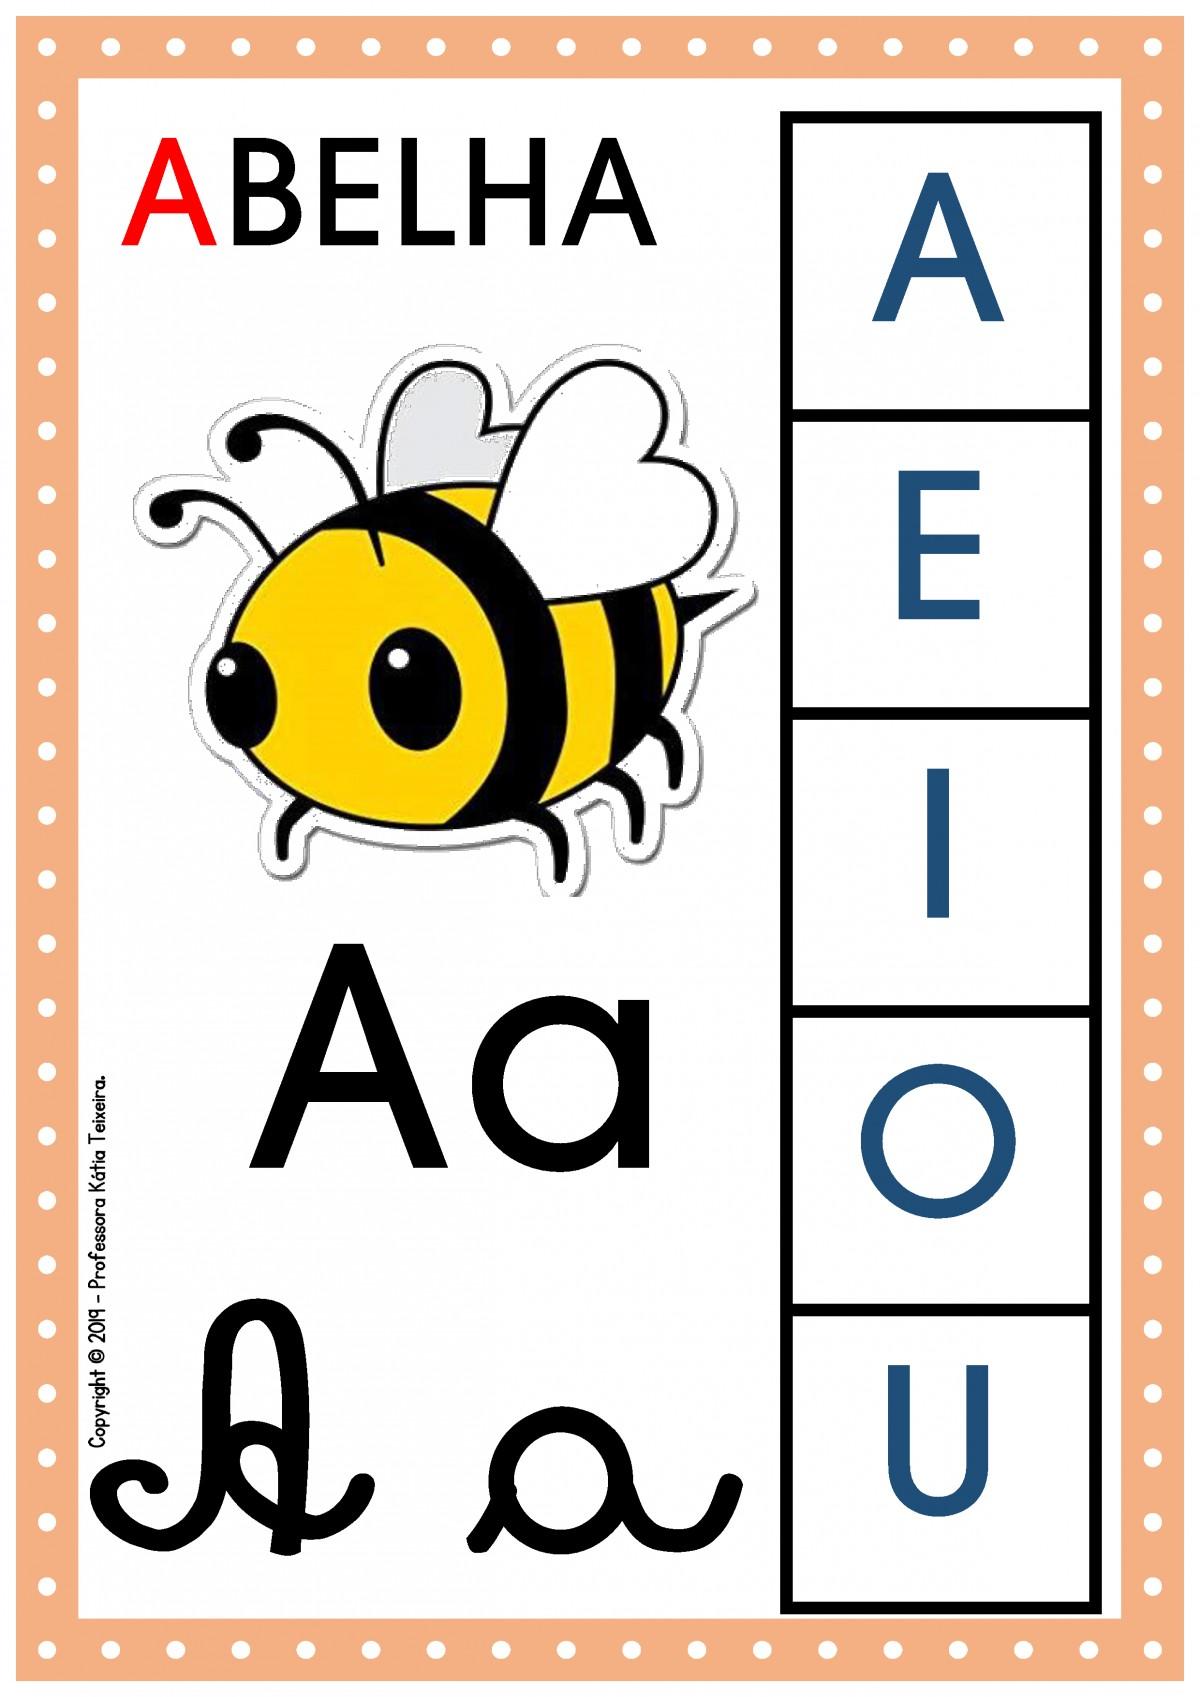 Foto3 - Alfabeto 4 tipos de letras com sílabas